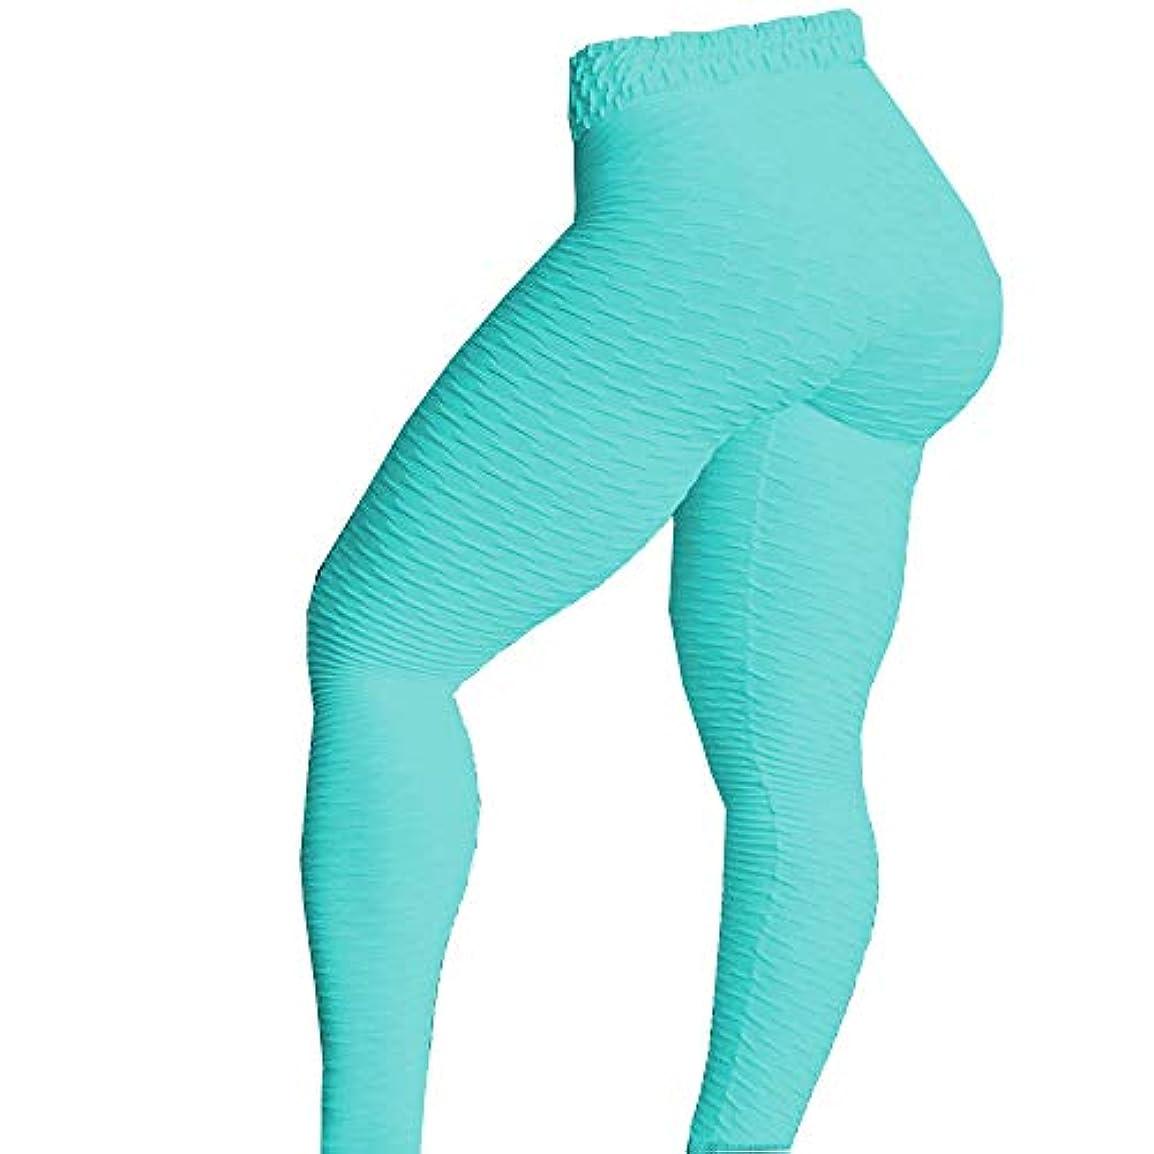 体どういたしまして昨日MIFAN パンツ女性、ハイウエストパンツ、スキニーパンツ、ヨガレギンス、女性のズボン、ランニングパンツ、スポーツウェア